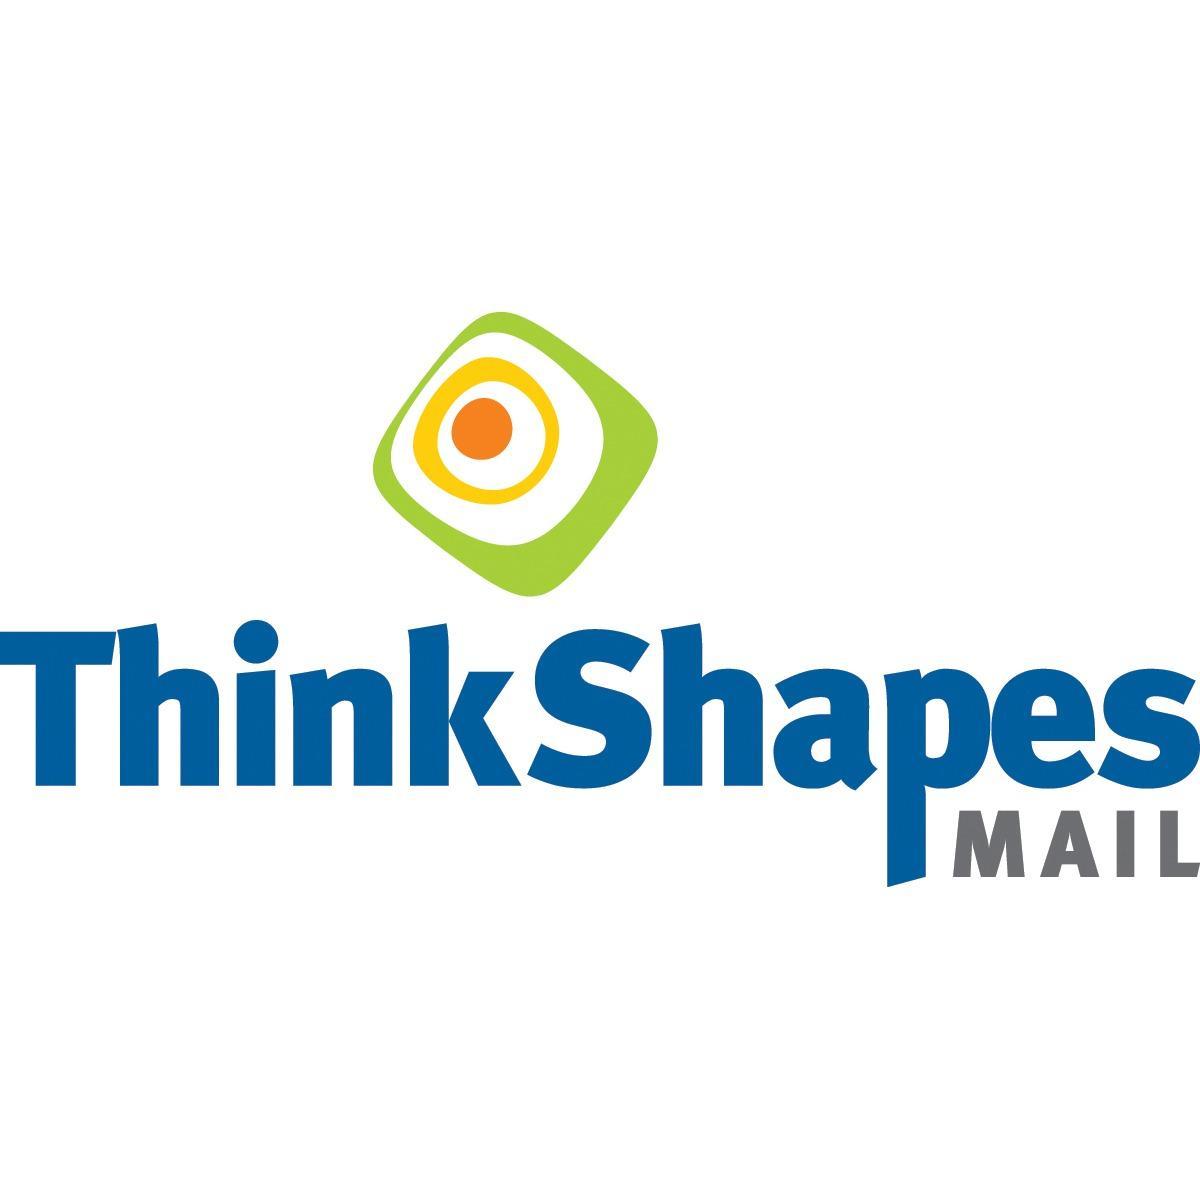 ThinkShapes Mail